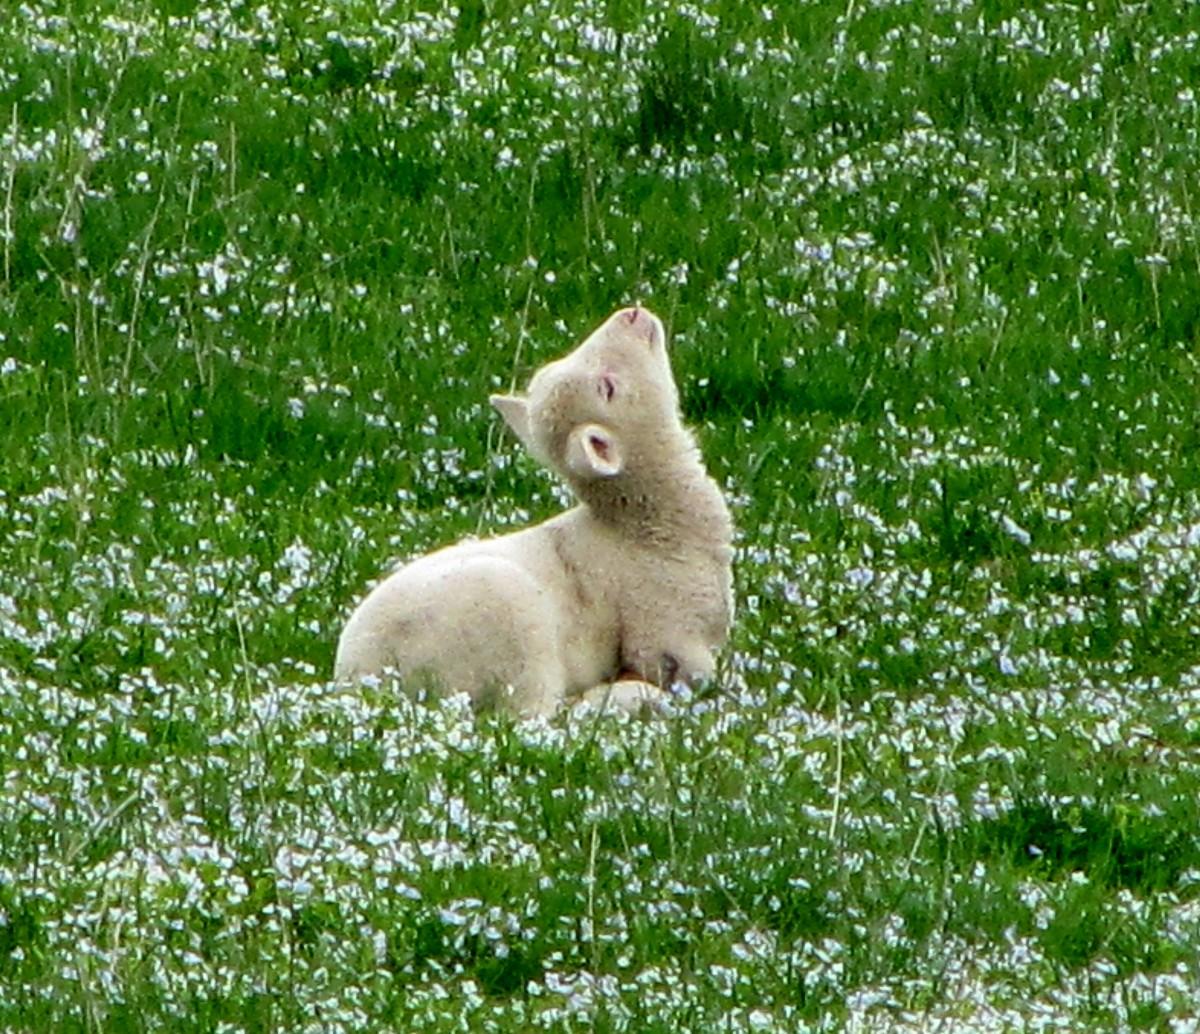 Zdjęcia: gdzieś w Bieszczadach, Bieszczady, Owieczka łapiąca promienie słońca, POLSKA